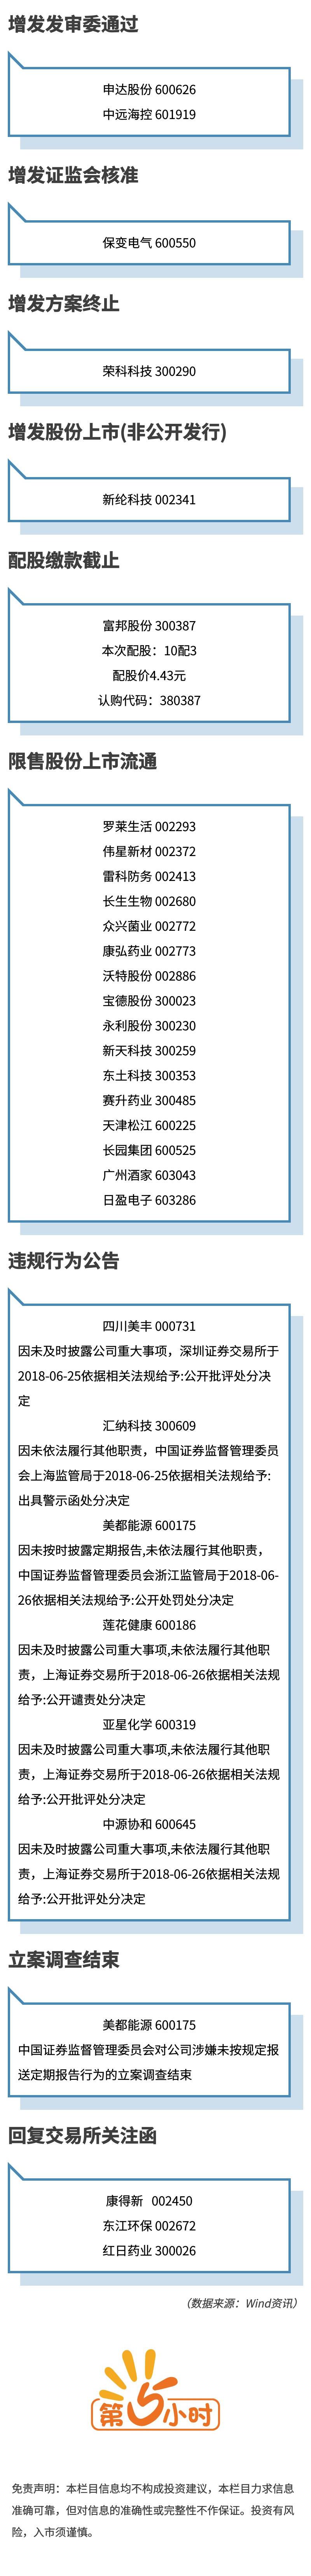 A股特别提示(2018-06-27)2.jpg